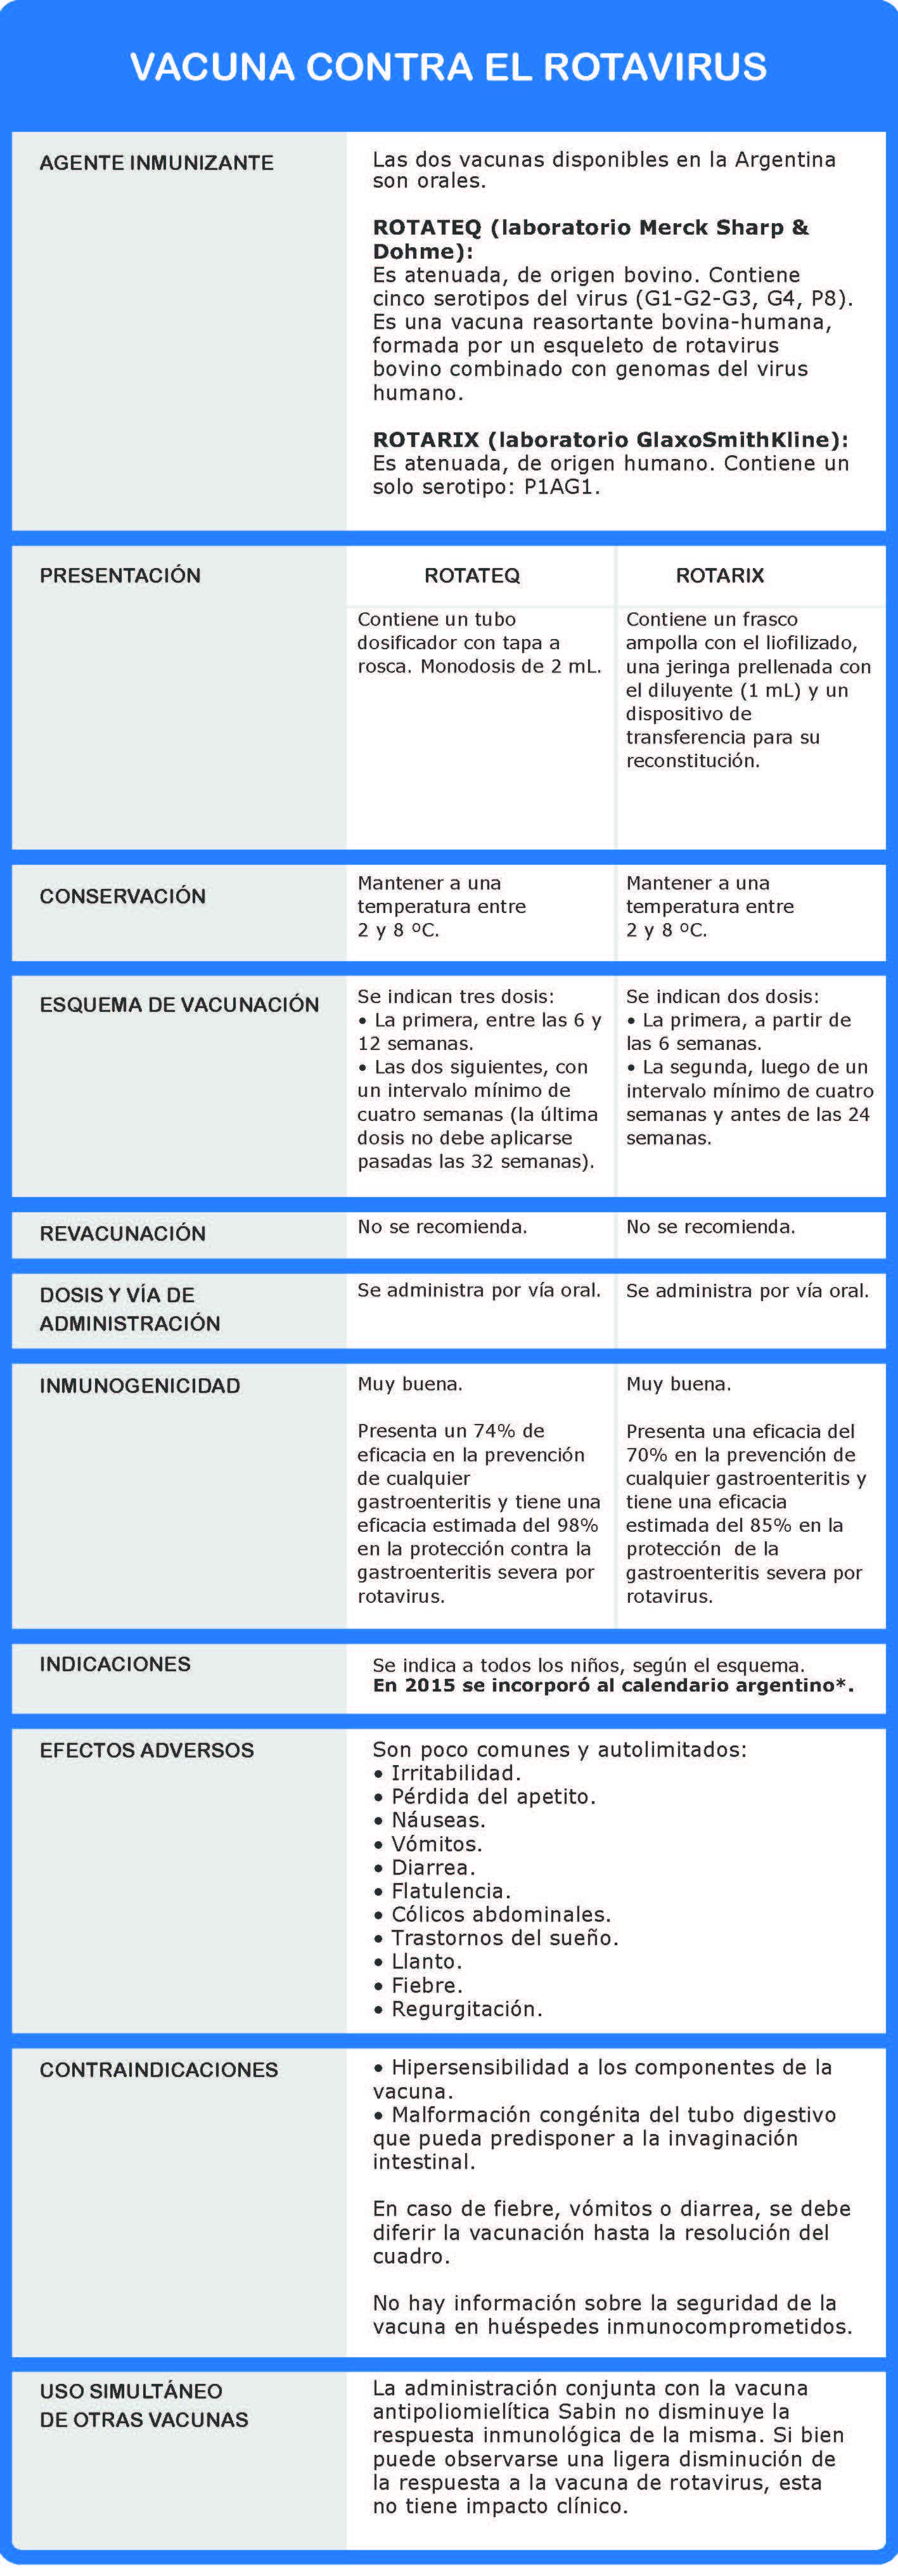 esquema efectos adversos contraindicaciones dosis administracion indicaciones presentacion agente inmunizante coadministracion vacuna rotateq rotarix contra rotavirus para prevenir diarreas bebes y ninos